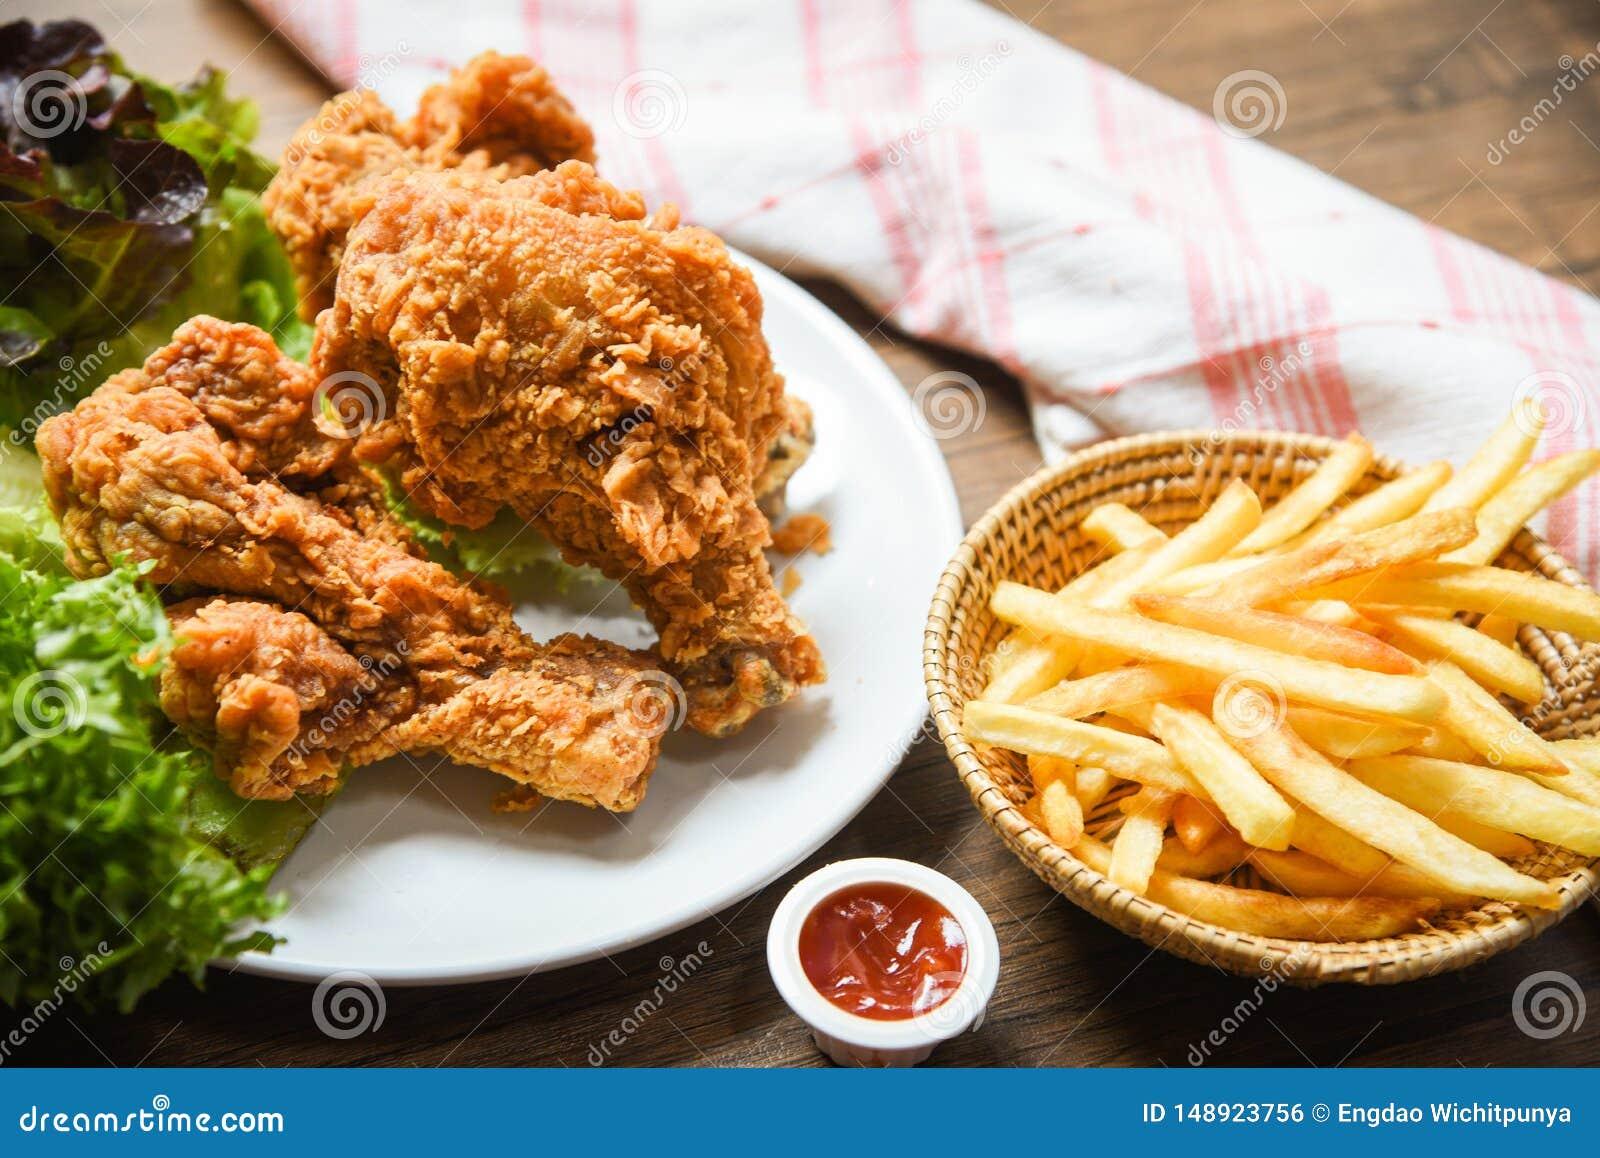 Pommes-Friteskorbketschup auf h?lzernem Speisetischhintergrund und gebratenen dem Huhn knusperig und Salatkopfsalat